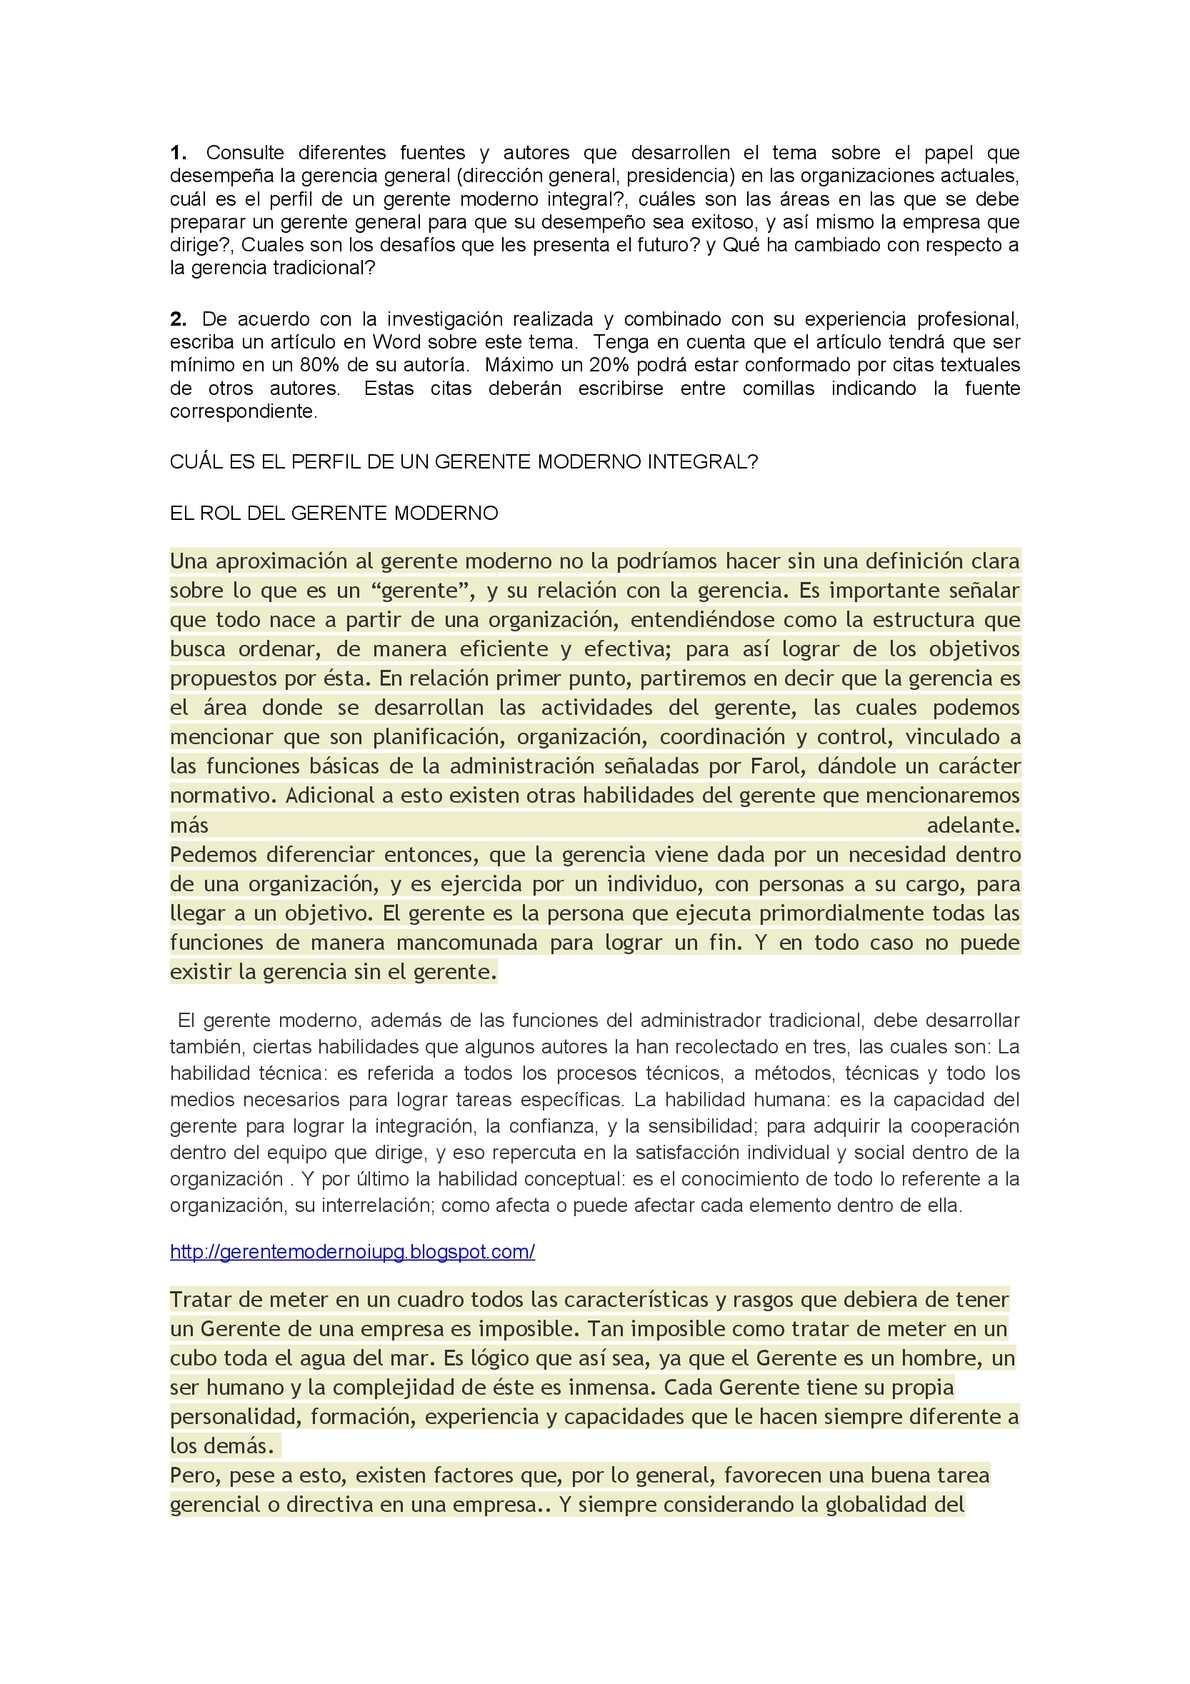 Calaméo - EL ROL DEL GERENTE MODERNO